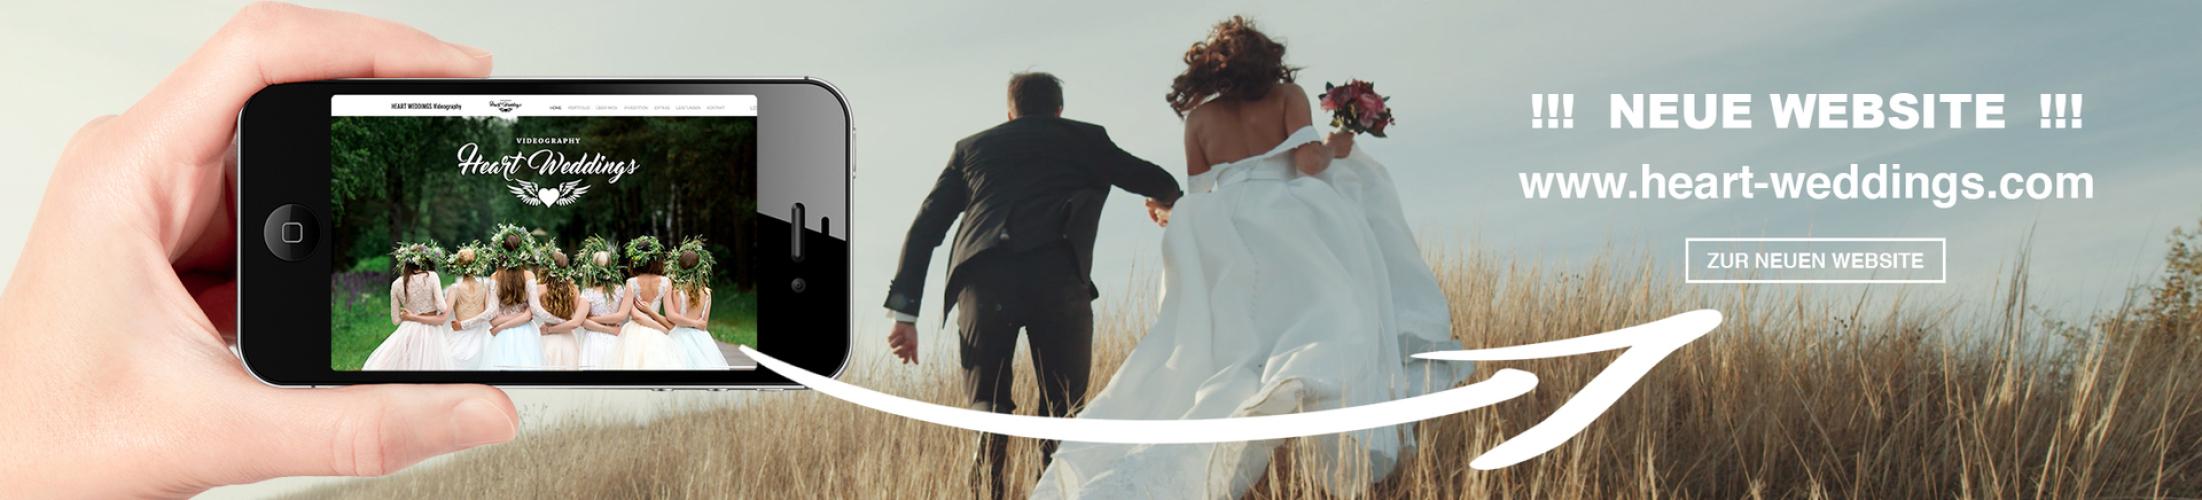 LIGHTREEL Productions - Medienproduktion und Fotografie in Augsburg, Hochzeitsvideo, Hochzeitsfilm, Hochzeitstrailer, Wedding, Weddingtrailer, Videograf, Videograph, Film, Video, Imagefilm, Kameramann, Dreh, Luftaufnahmen